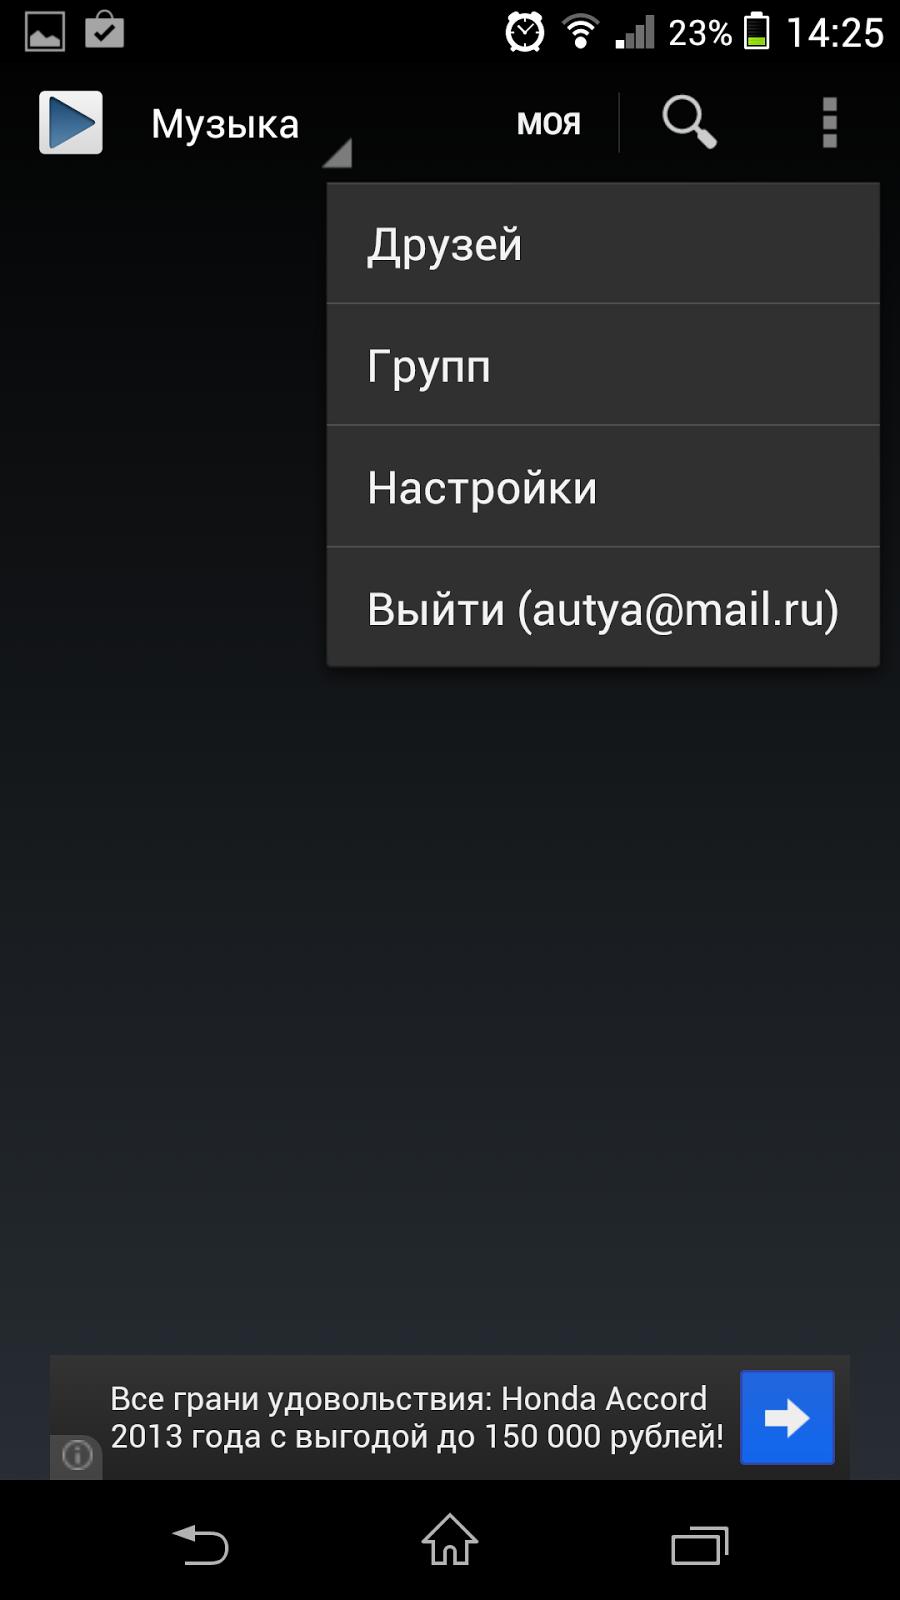 Скачать бесплатно приложения для Android. 100 …